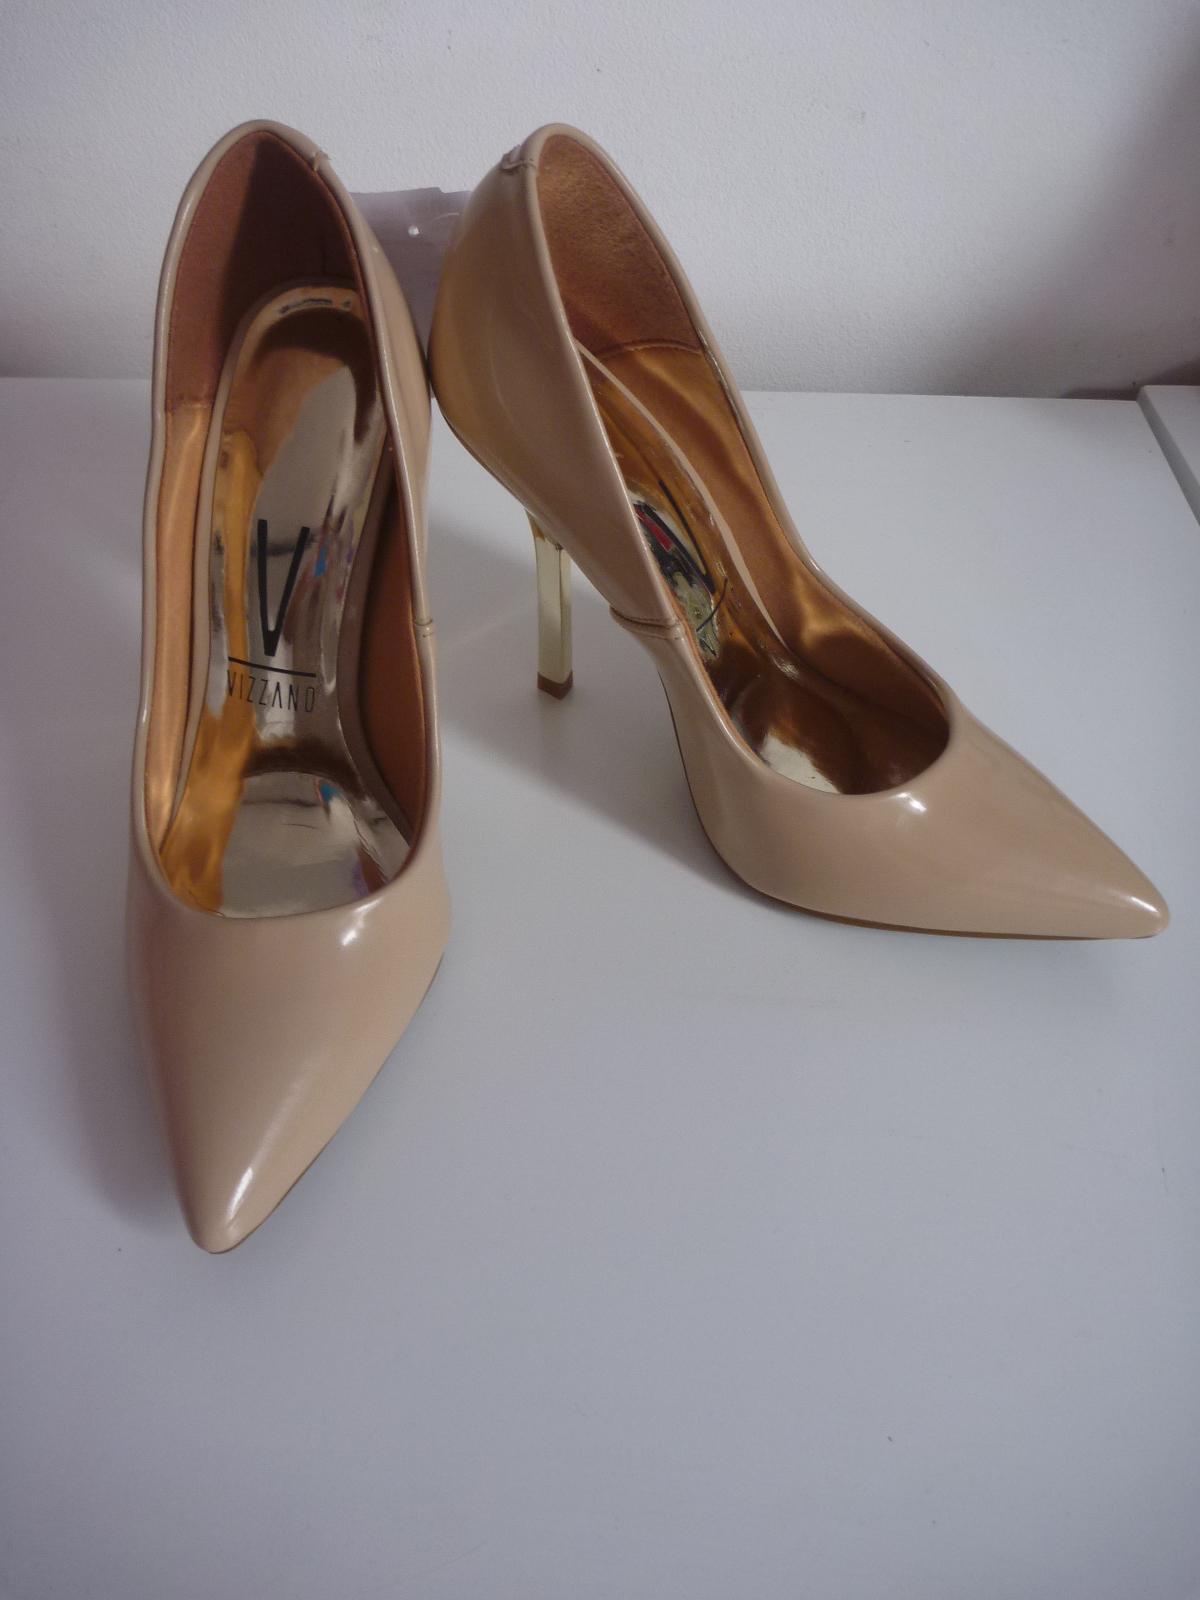 1e1f773993 Os sapatos são um caso à parte. Quem me conhece sabe que enlouqueço por  causa deles! E a Marisa está com um modelo mais maravilhoso que o outro…